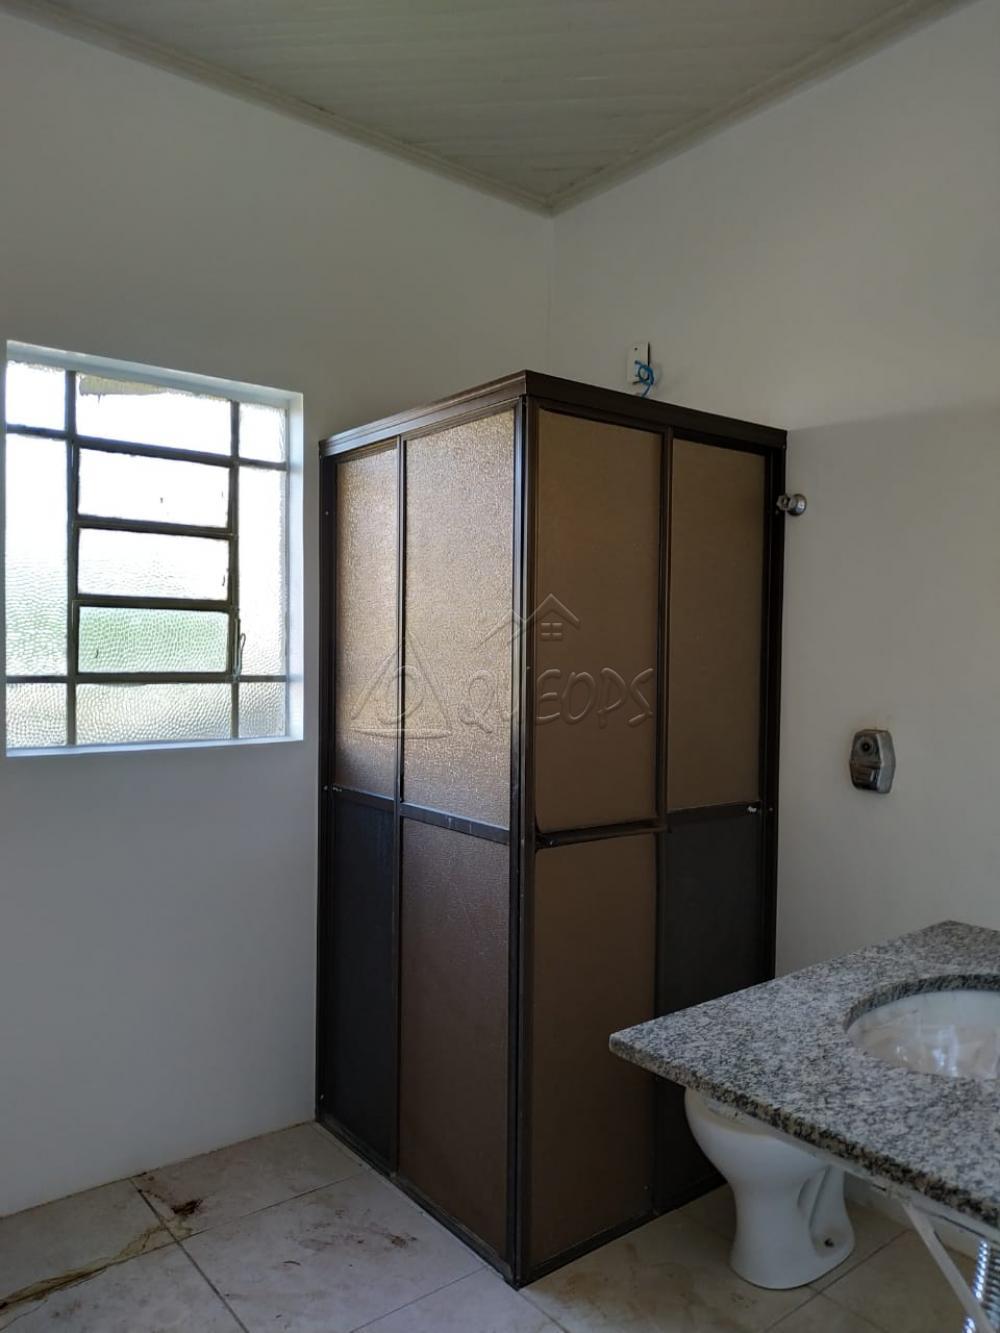 Comprar Casa / Padrão em Barretos apenas R$ 220.000,00 - Foto 12